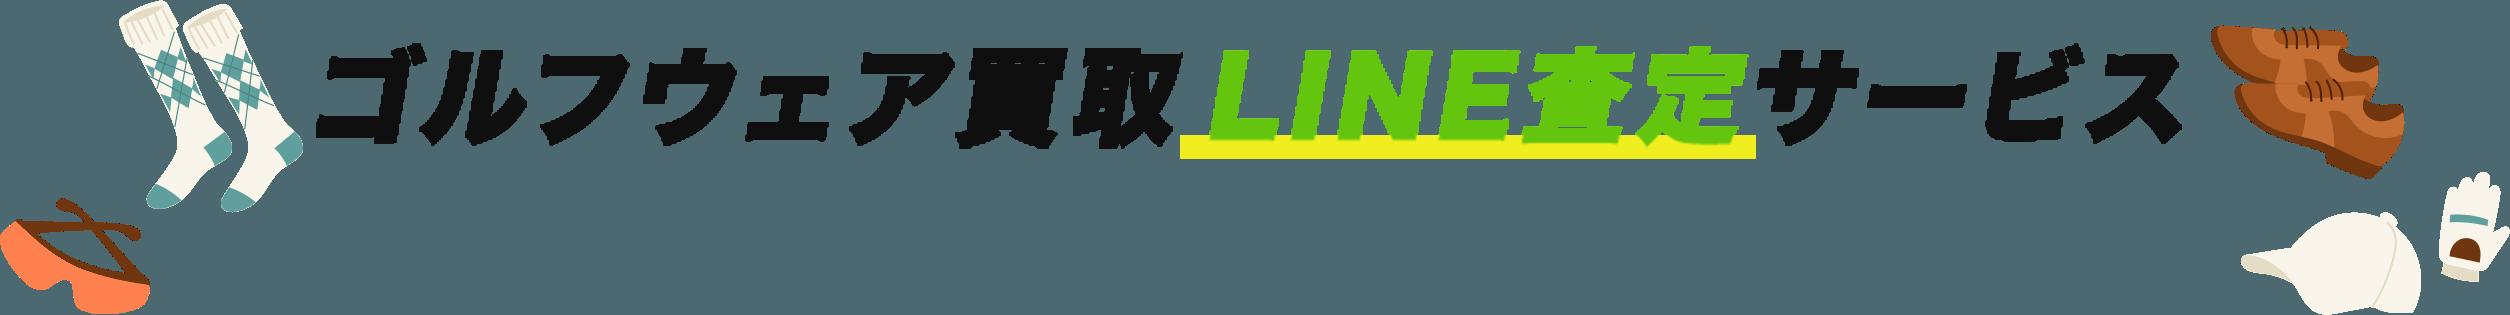 ゴルフウェア買取LINE査定サービス